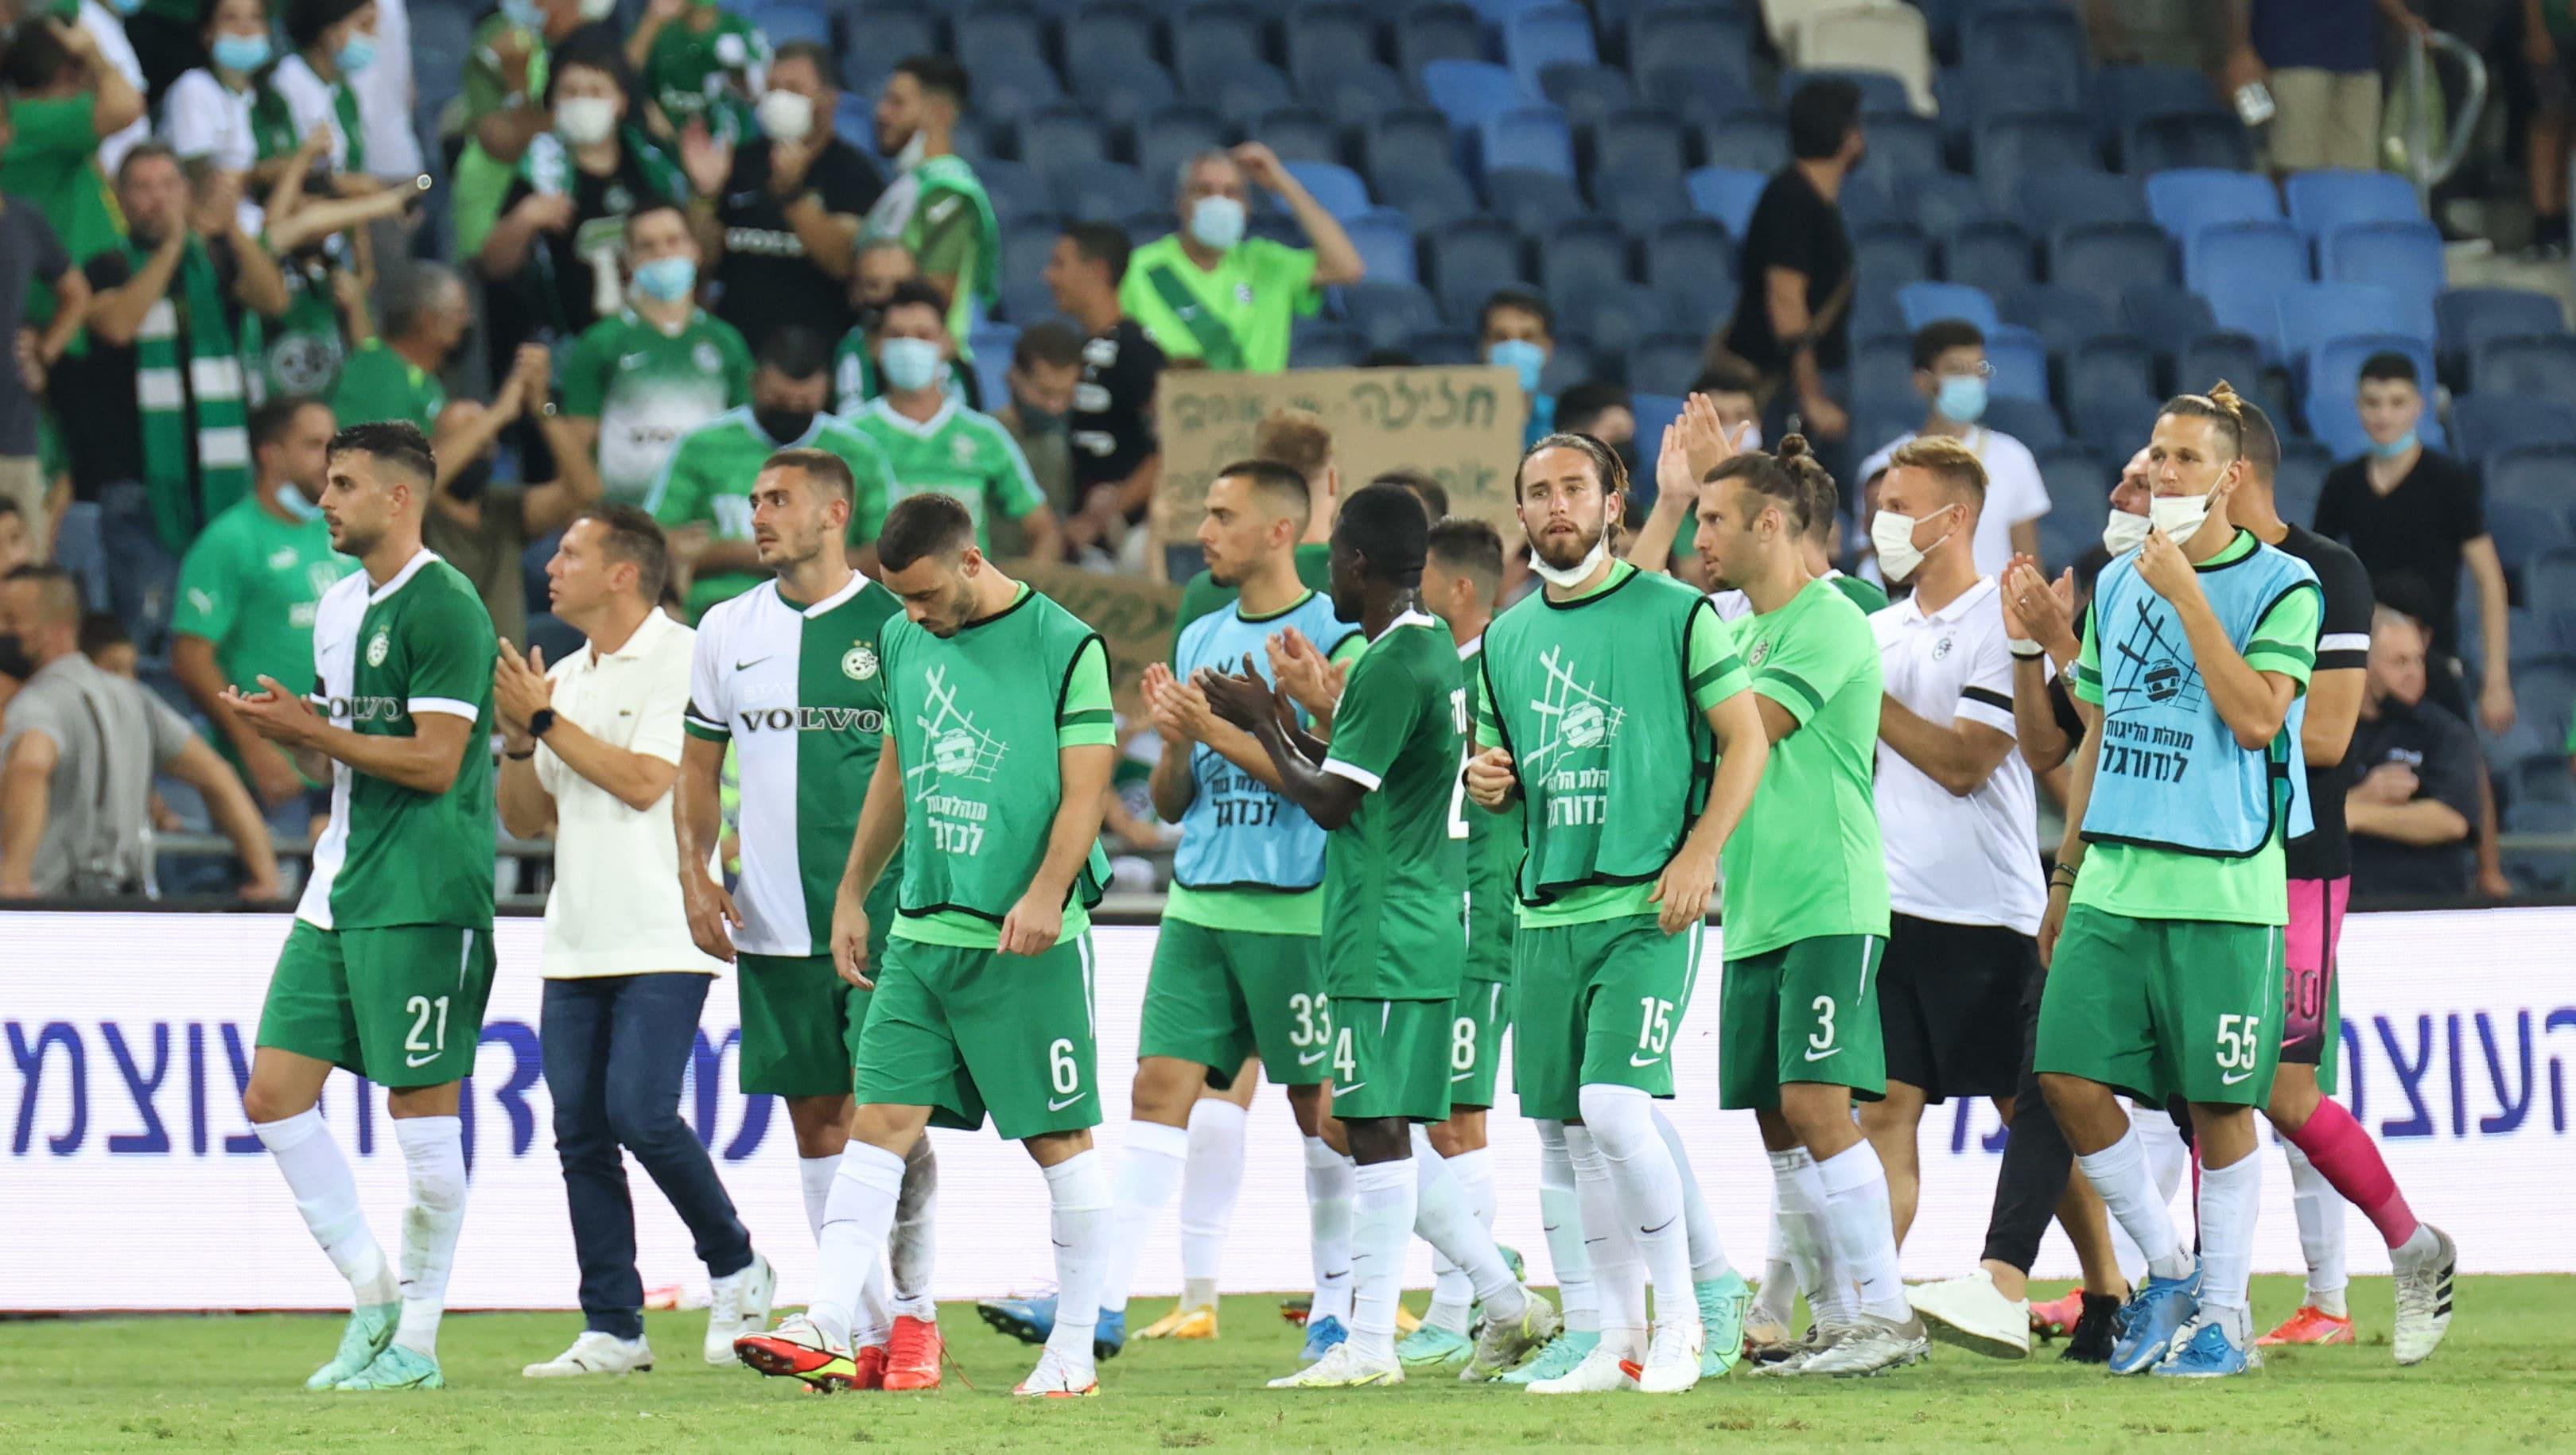 שחקני מכבי חיפה מודים לקהל